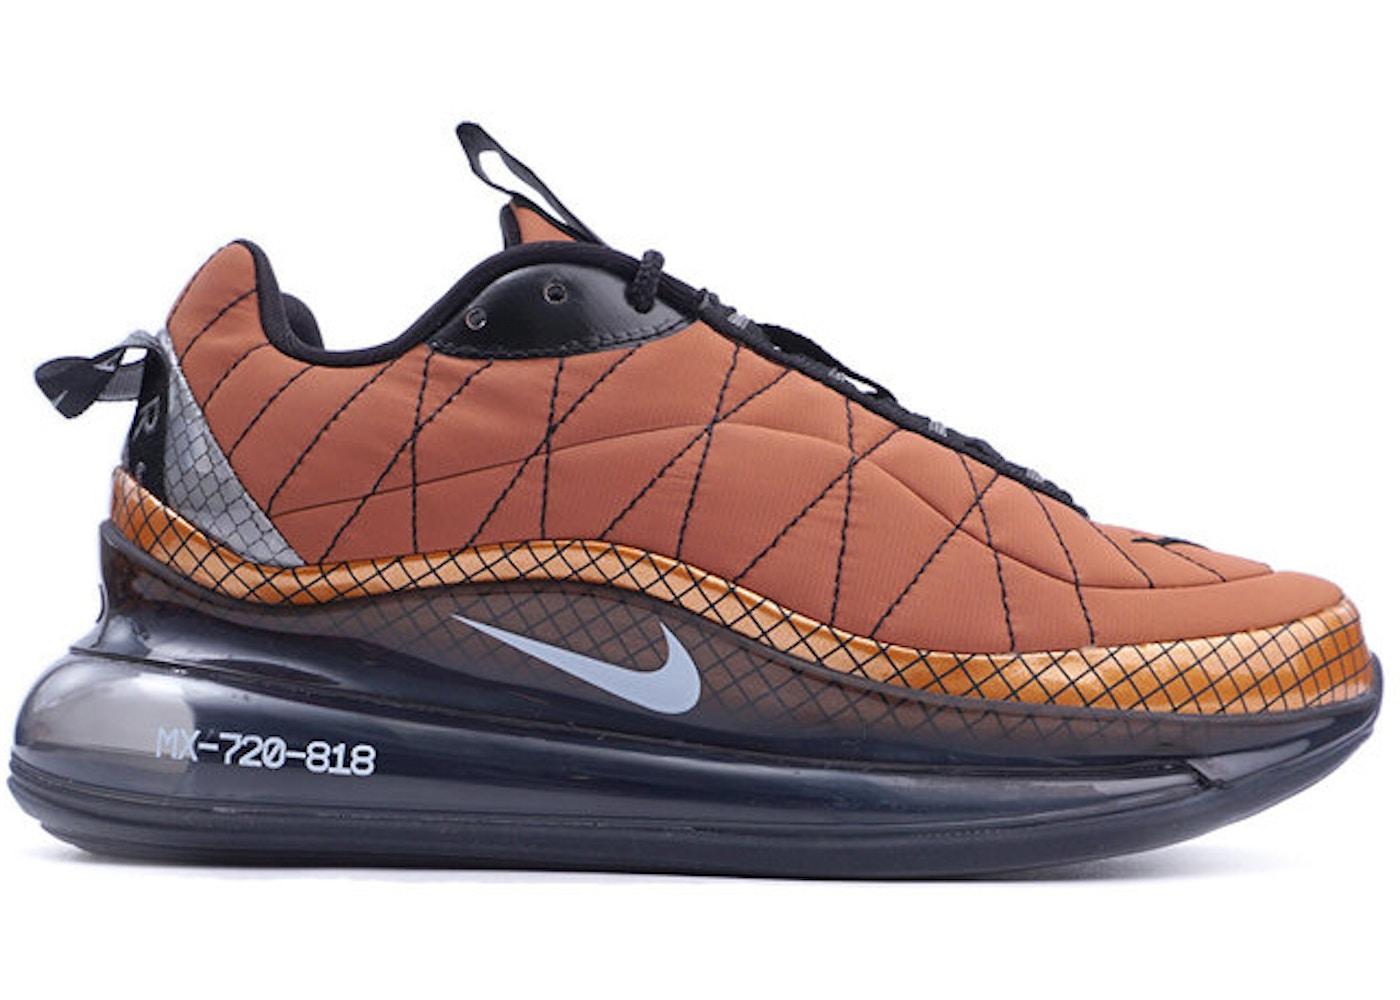 Nike Air Max 720 818 Metallic Copper Bv5841 800